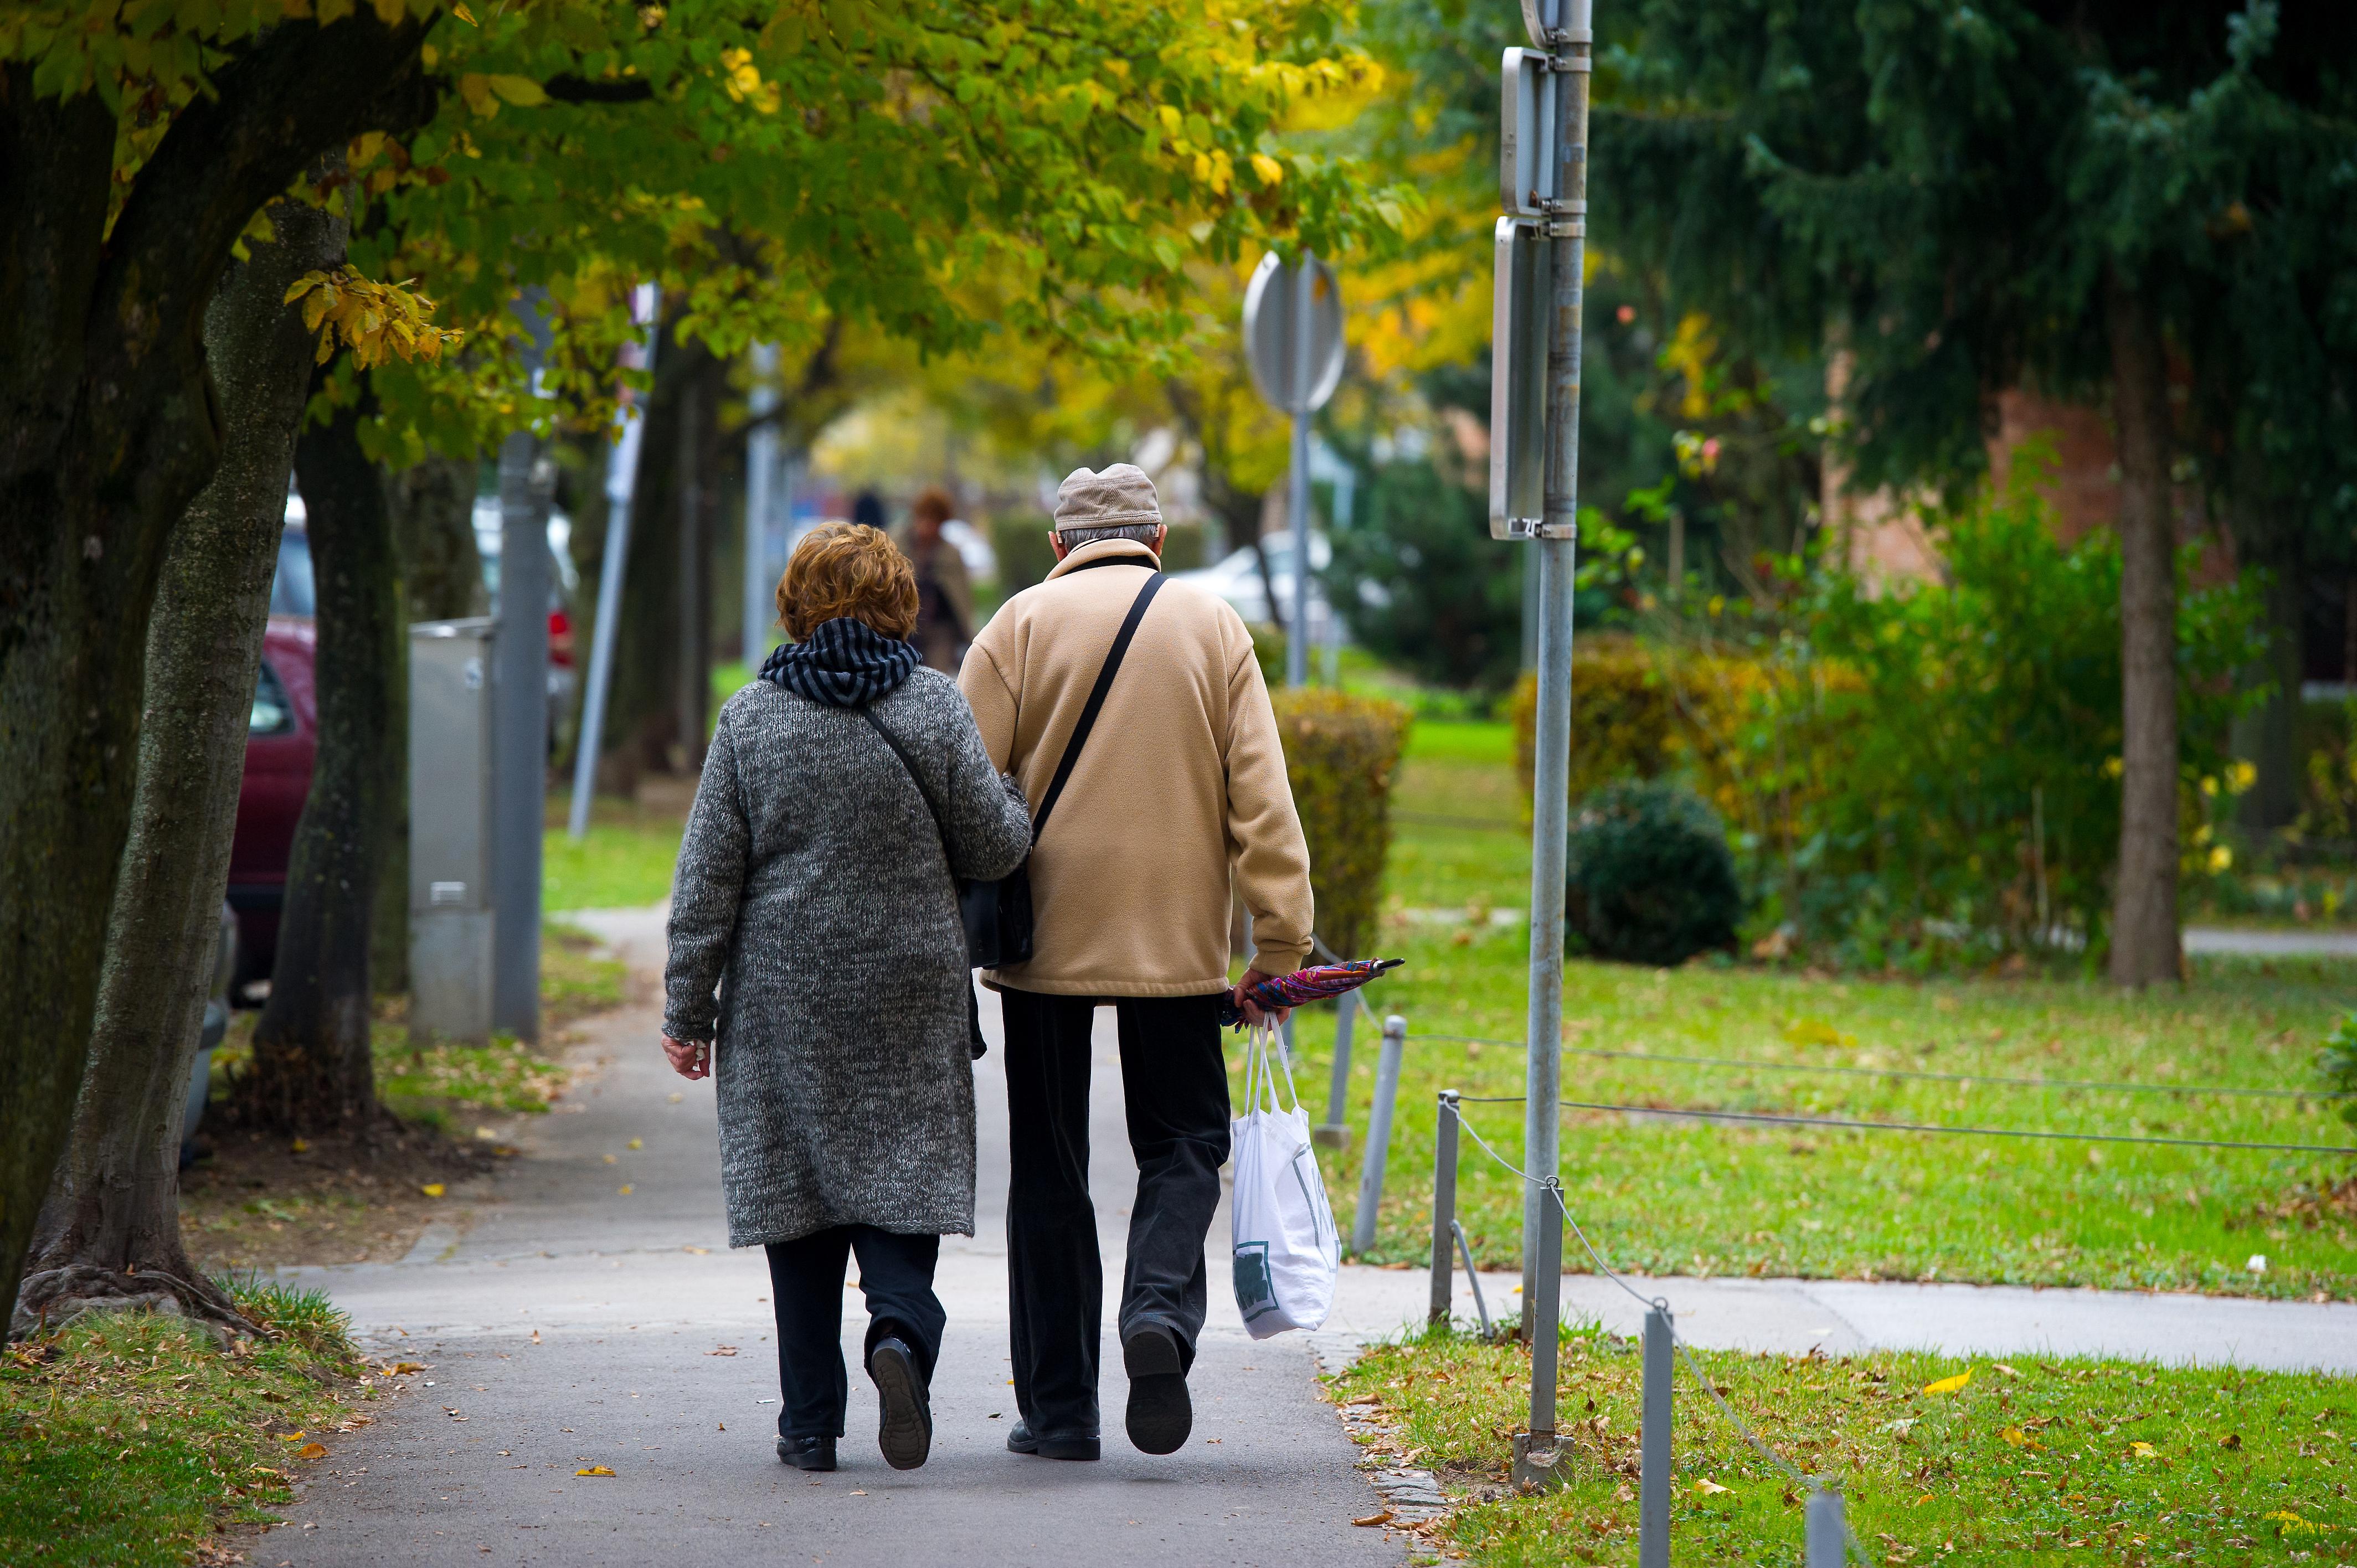 Med en aktiv livsstil motverkas åldrande och hälsorisker som till exempel övervikt, demenssjukdomar och benskörhet.